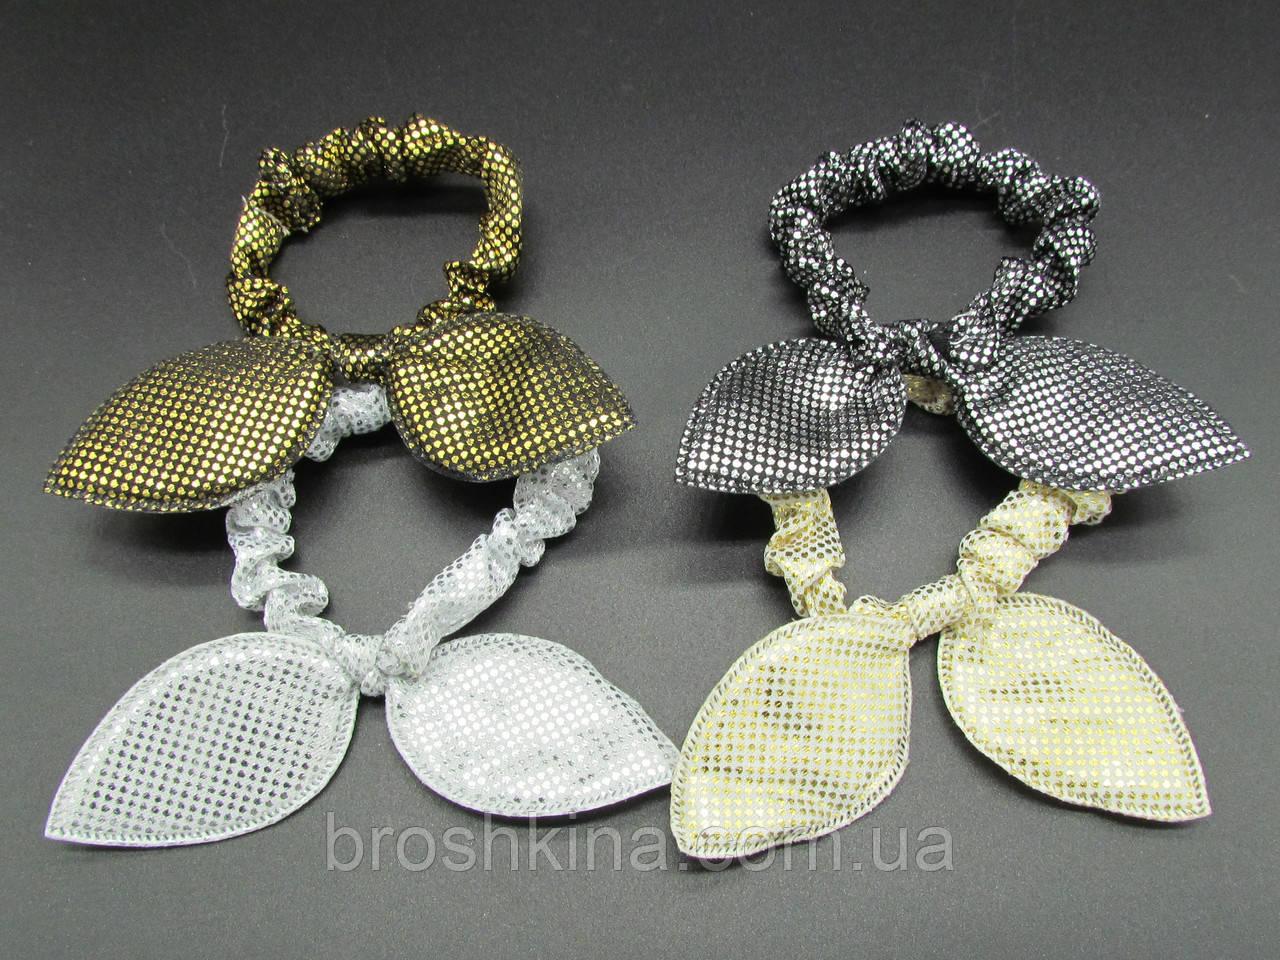 Резинки для волос Солошки 20 шт/уп. текстиль с напылением